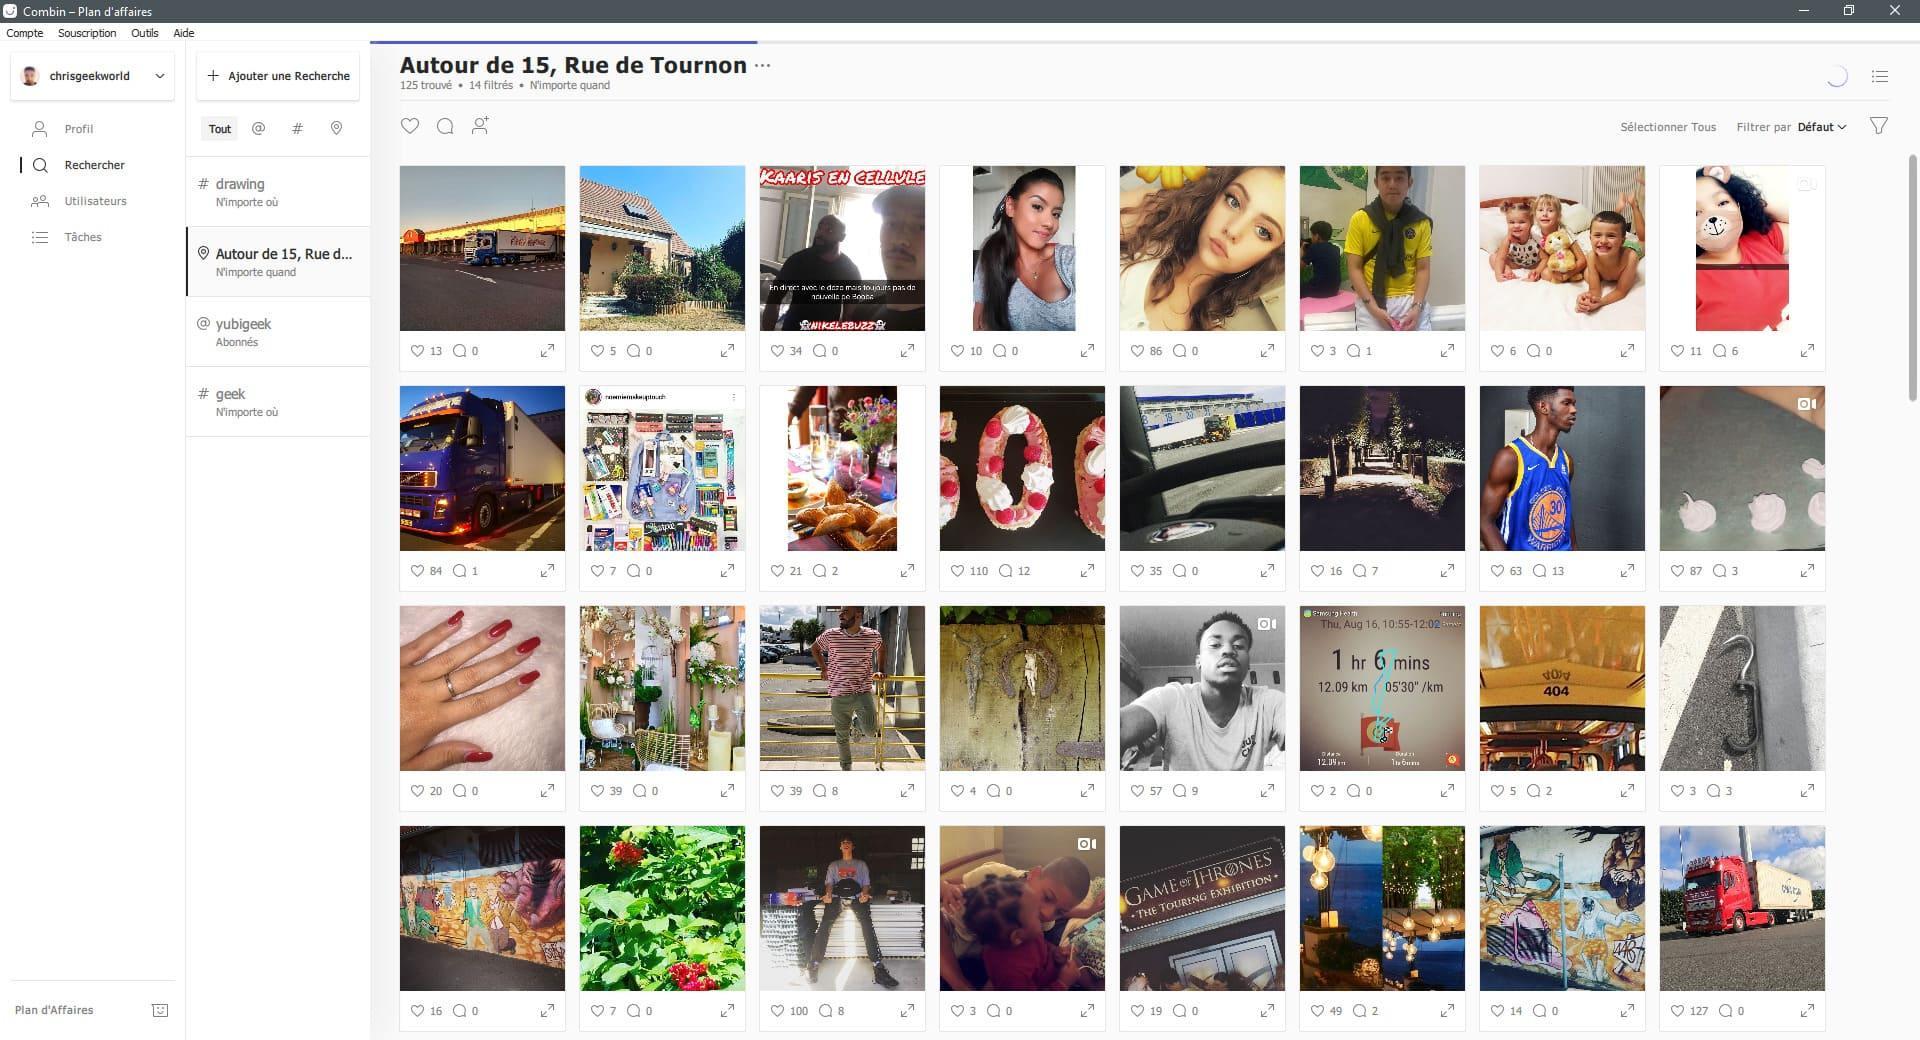 image Test de Combin, gérez et boostez votre Instagram d'une manière efficace et organique 4